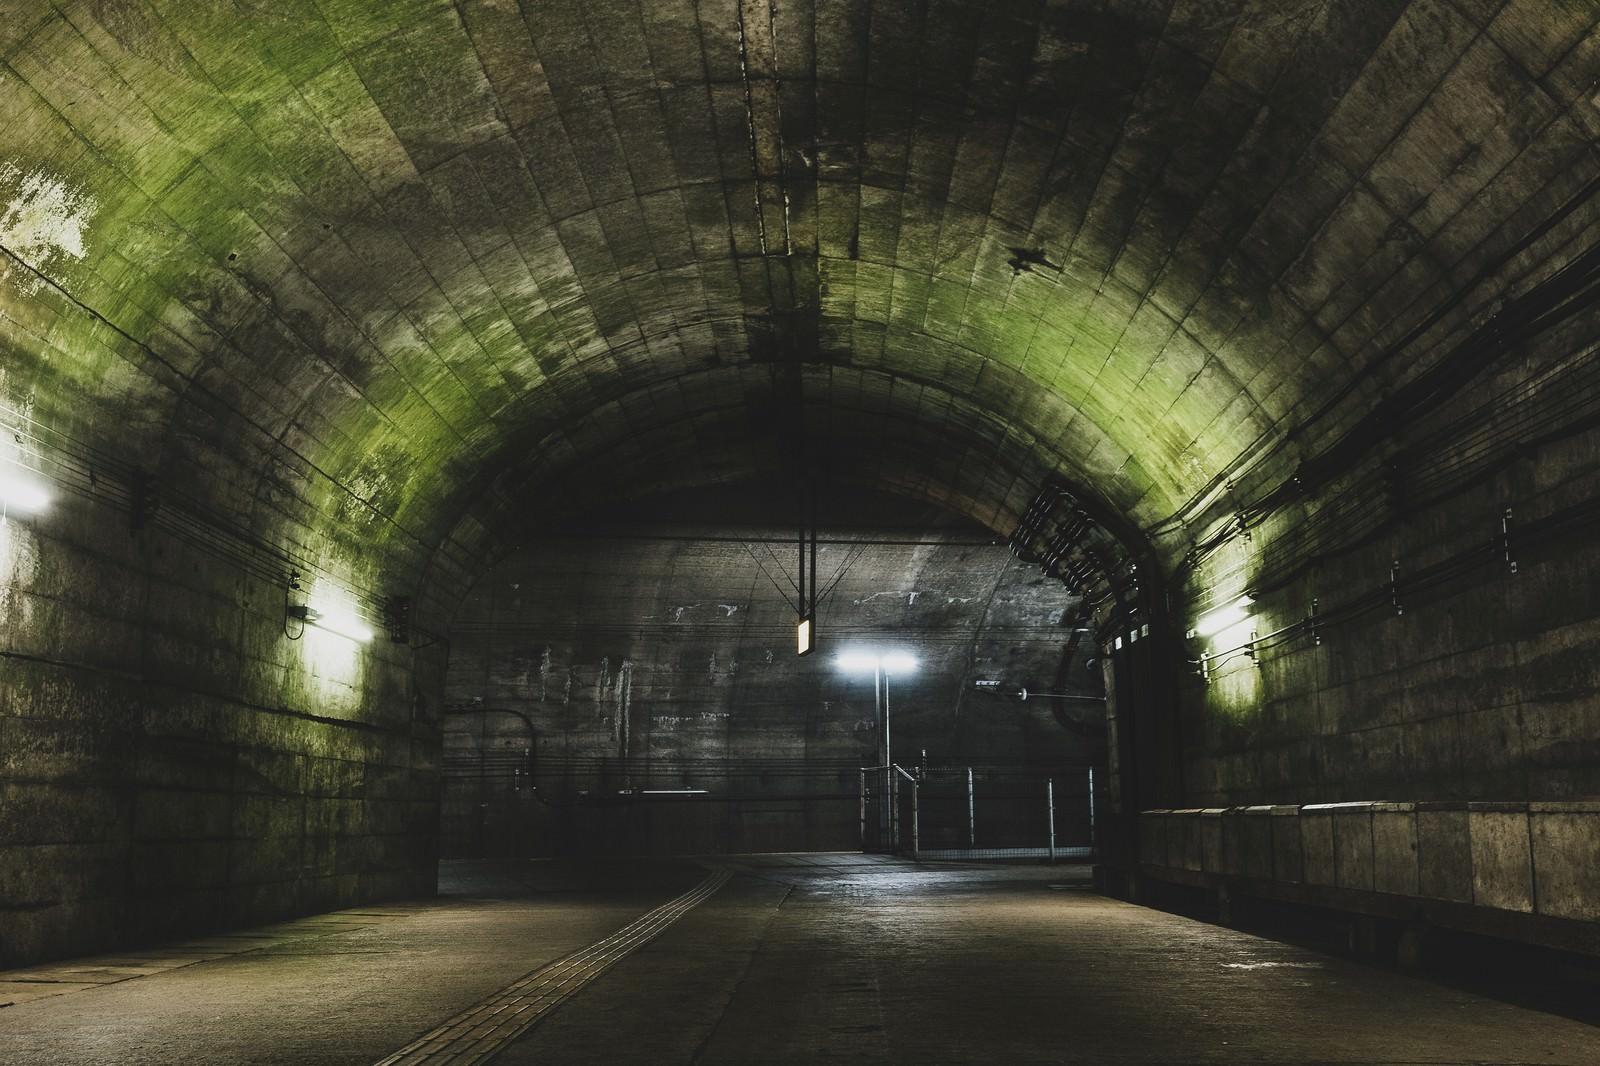 「トンネルを抜けた先にある土合駅地下ホームトンネルを抜けた先にある土合駅地下ホーム」のフリー写真素材を拡大